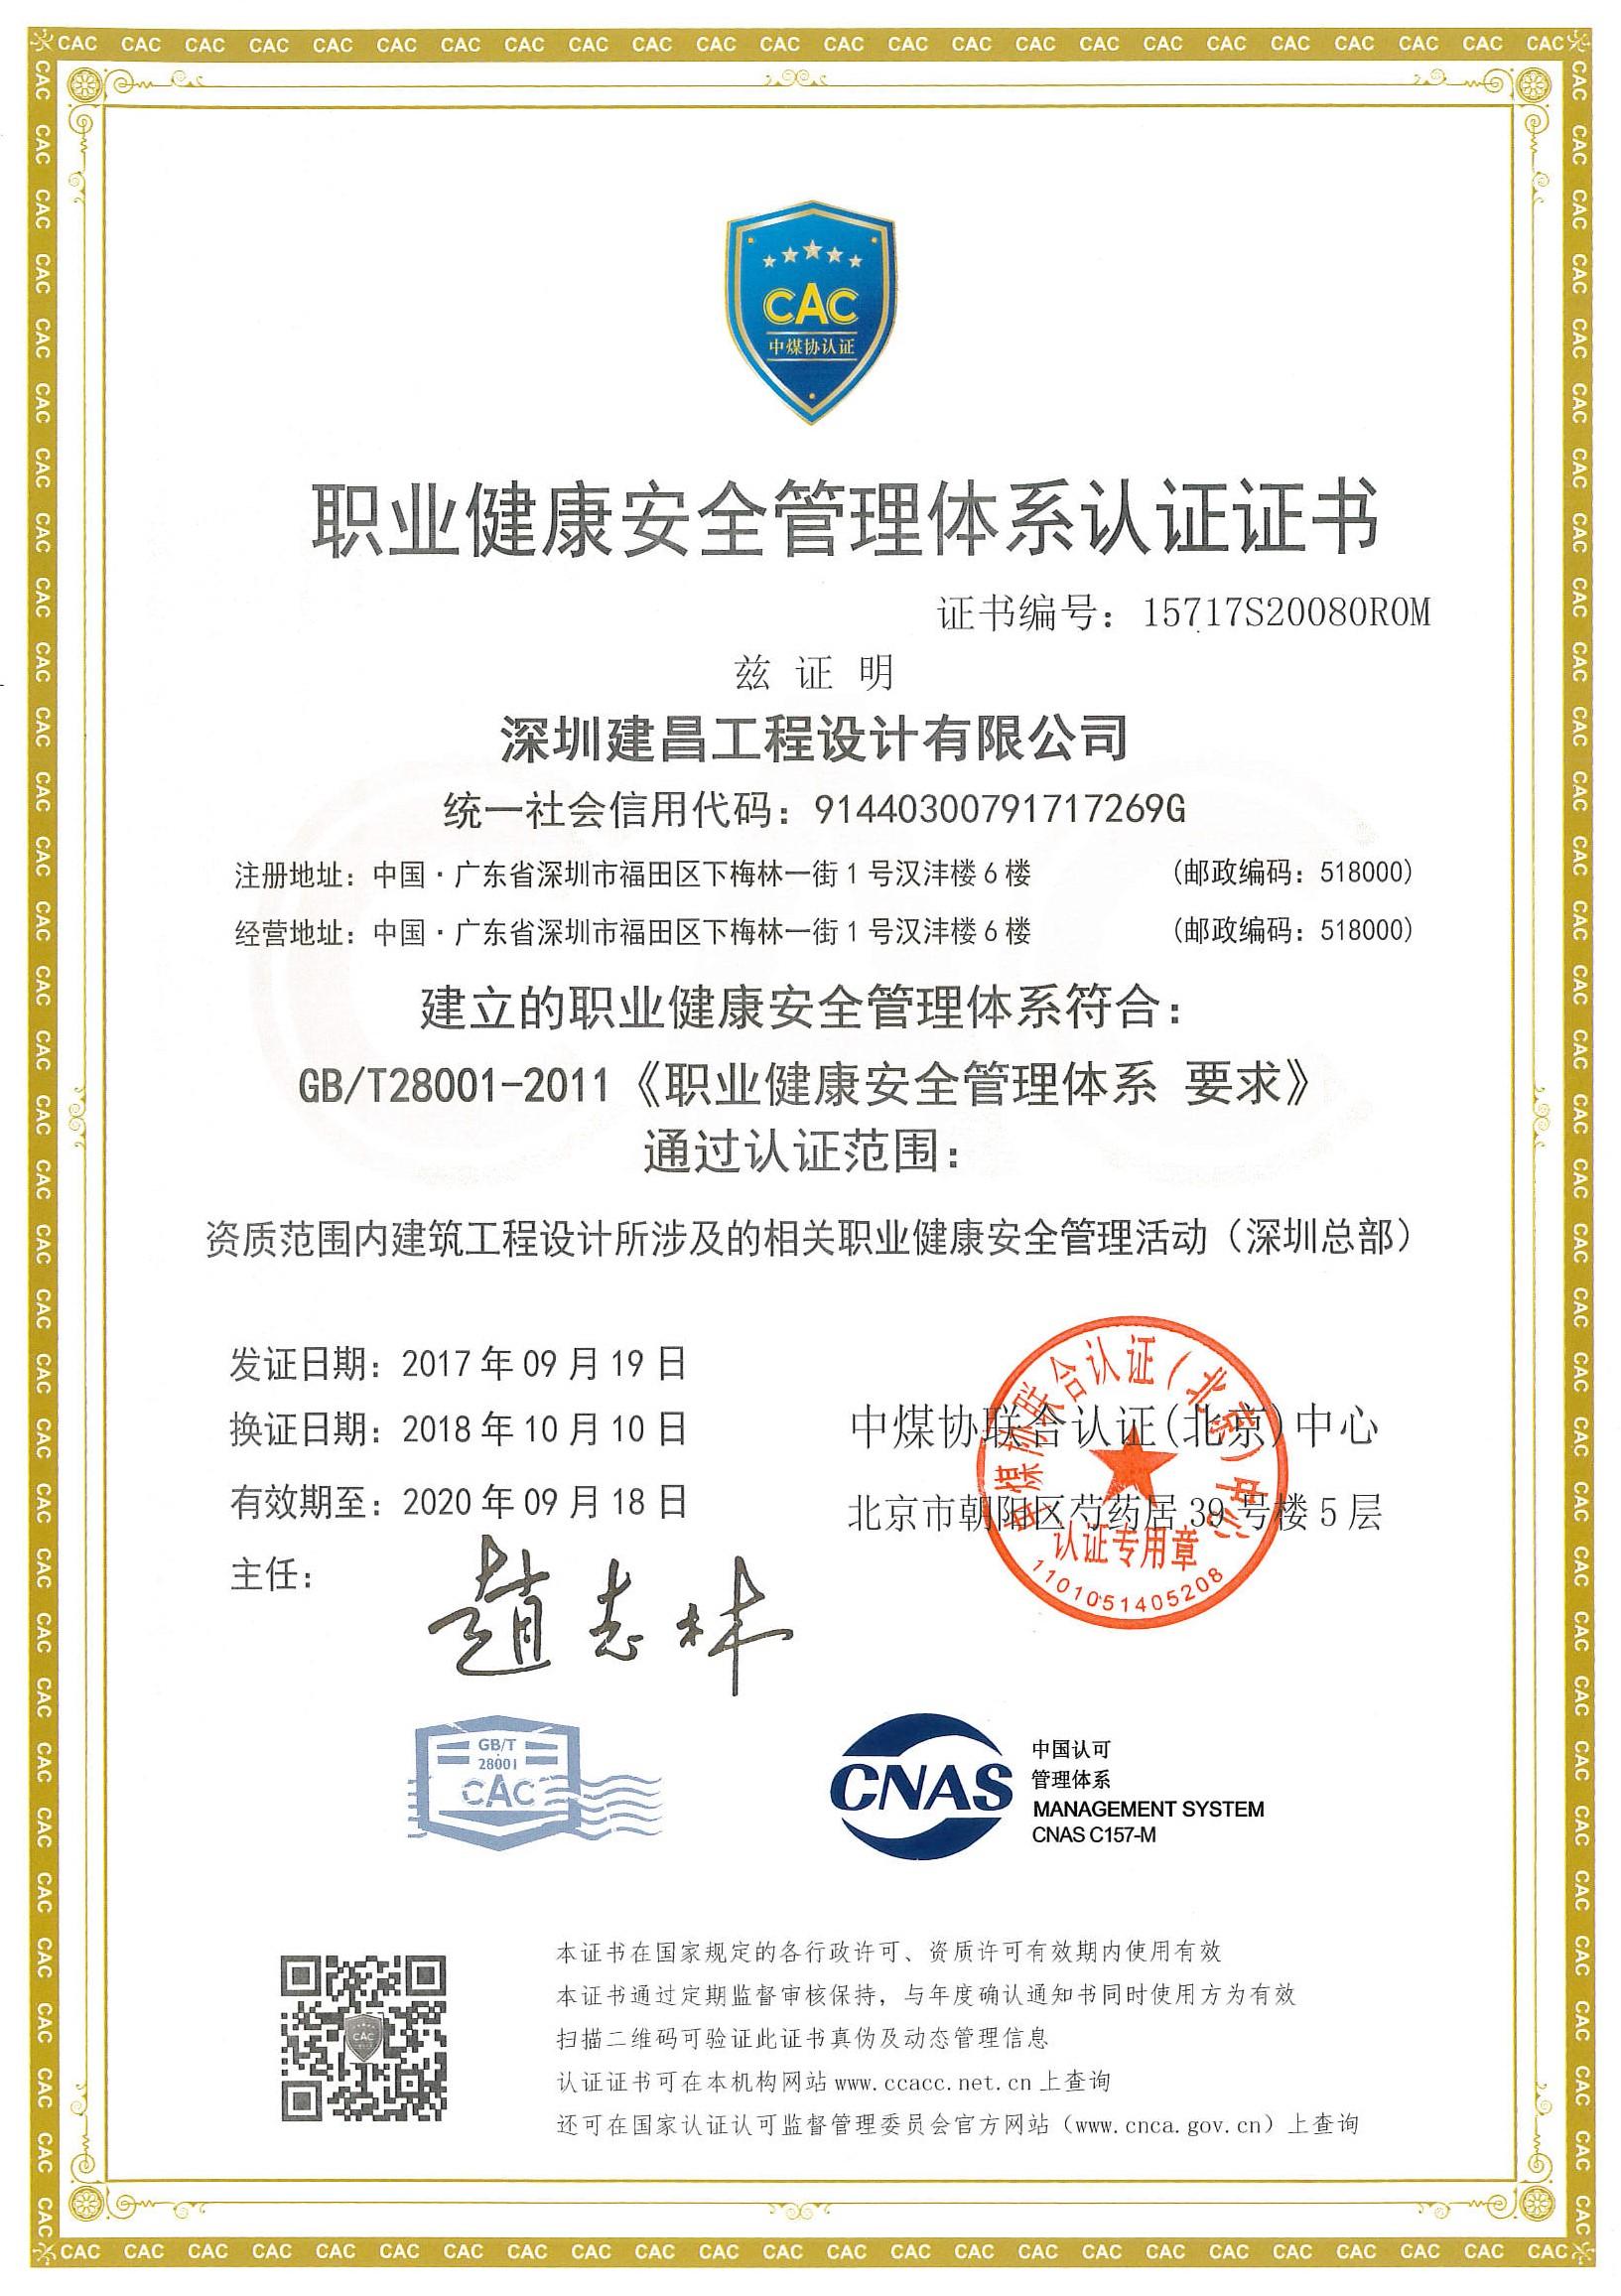 职业健康安全管理体 系认证证书